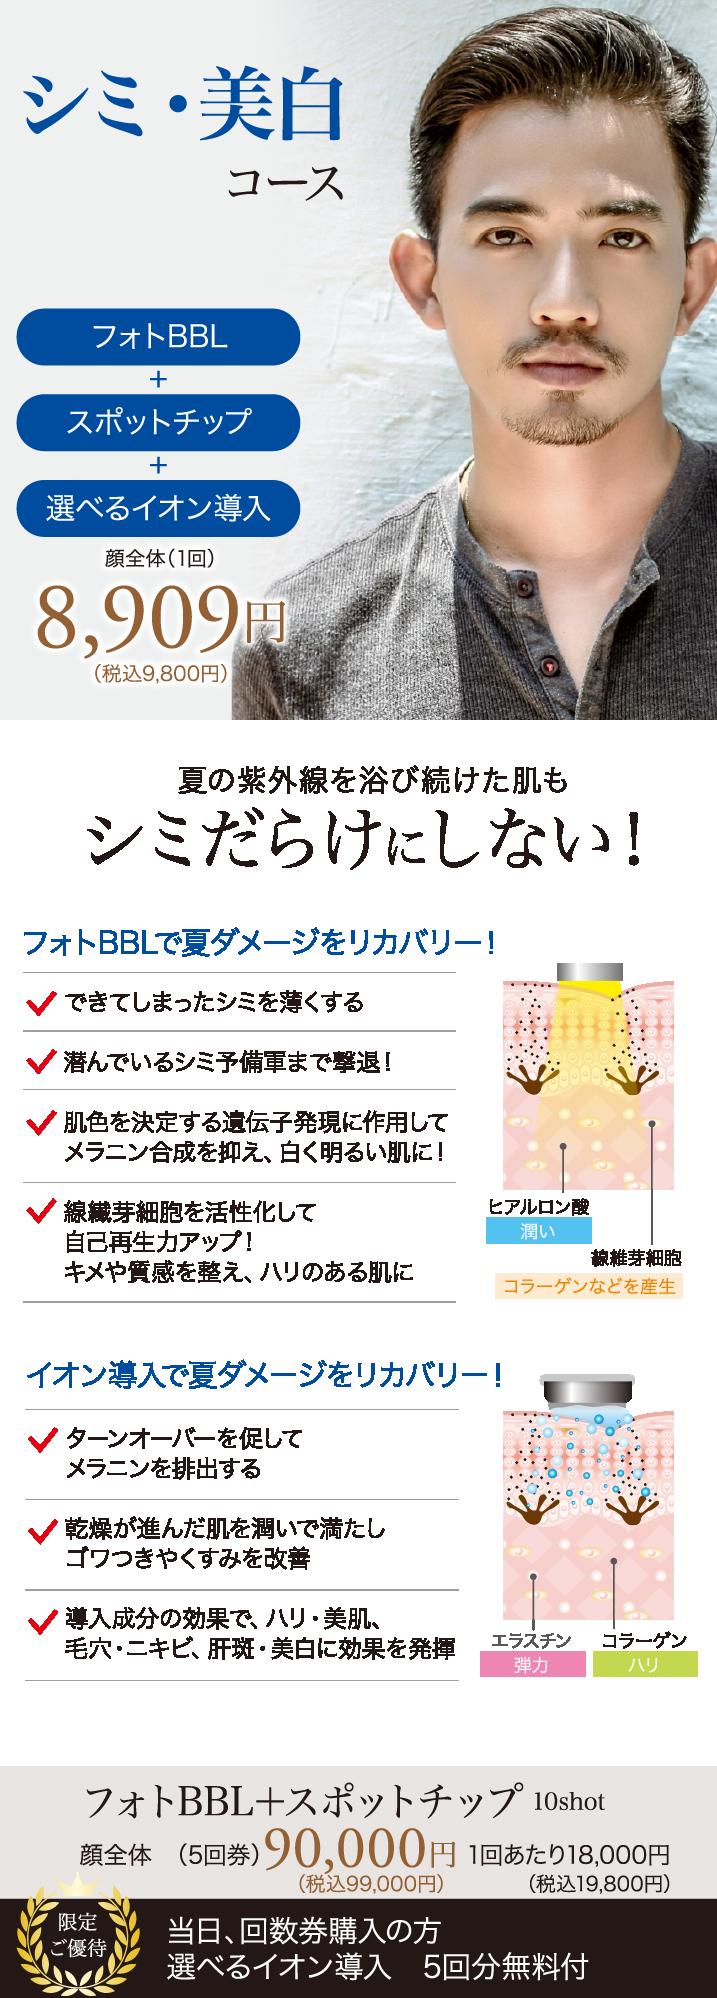 シミ・美白治療【フォトIPLの進化版】